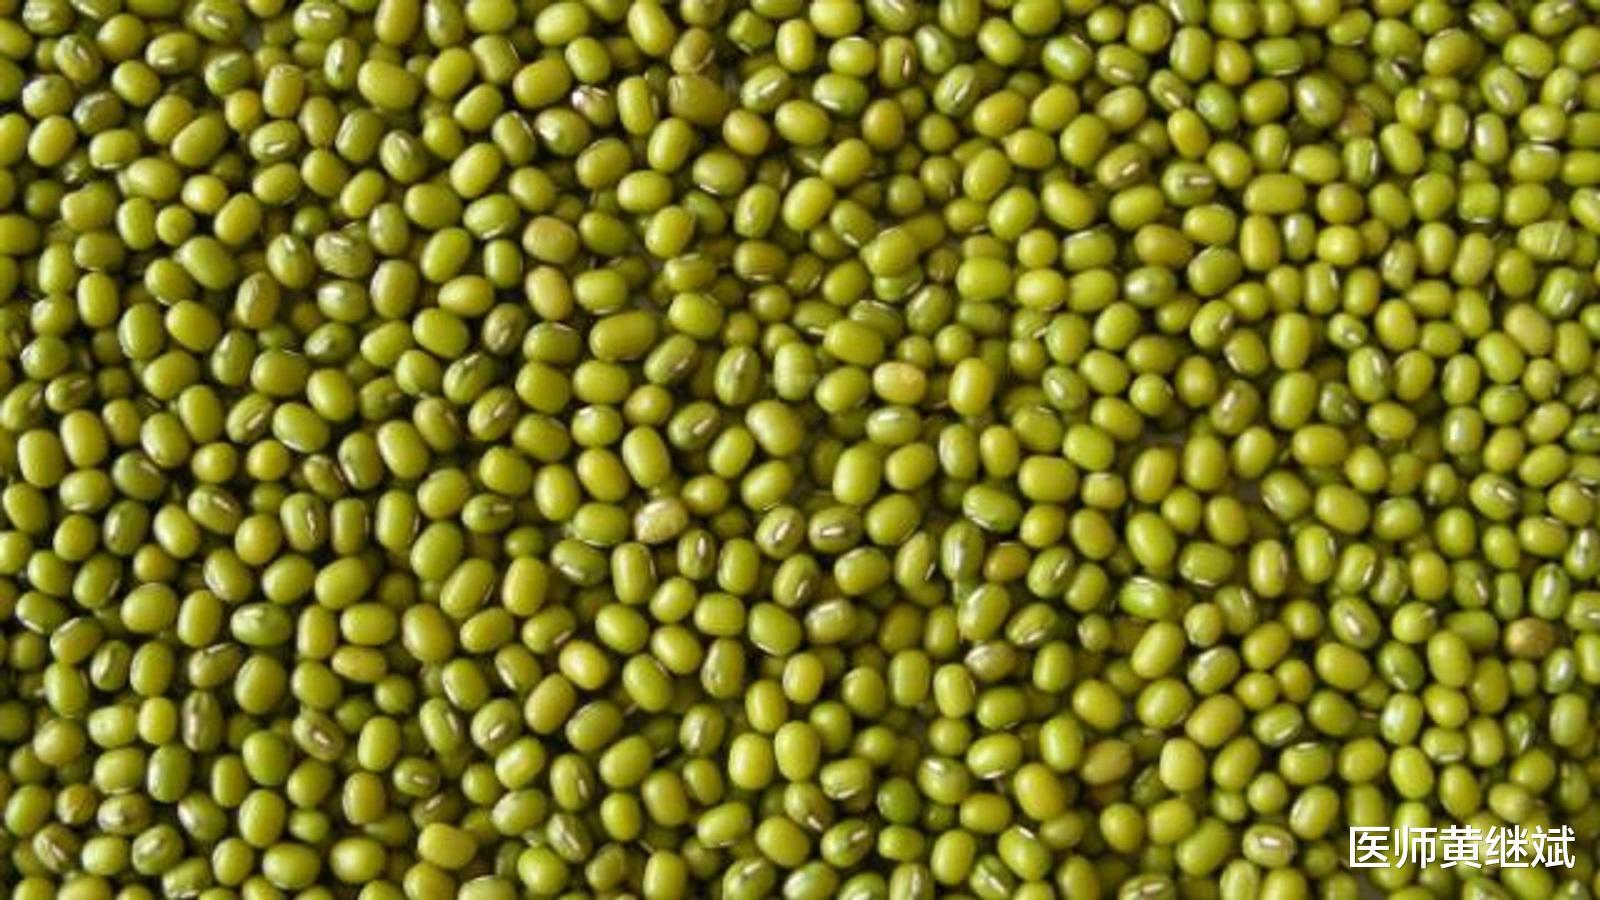 清热解暑必备食材,绿豆健康又美味,绿豆的解暑吃法有哪些?